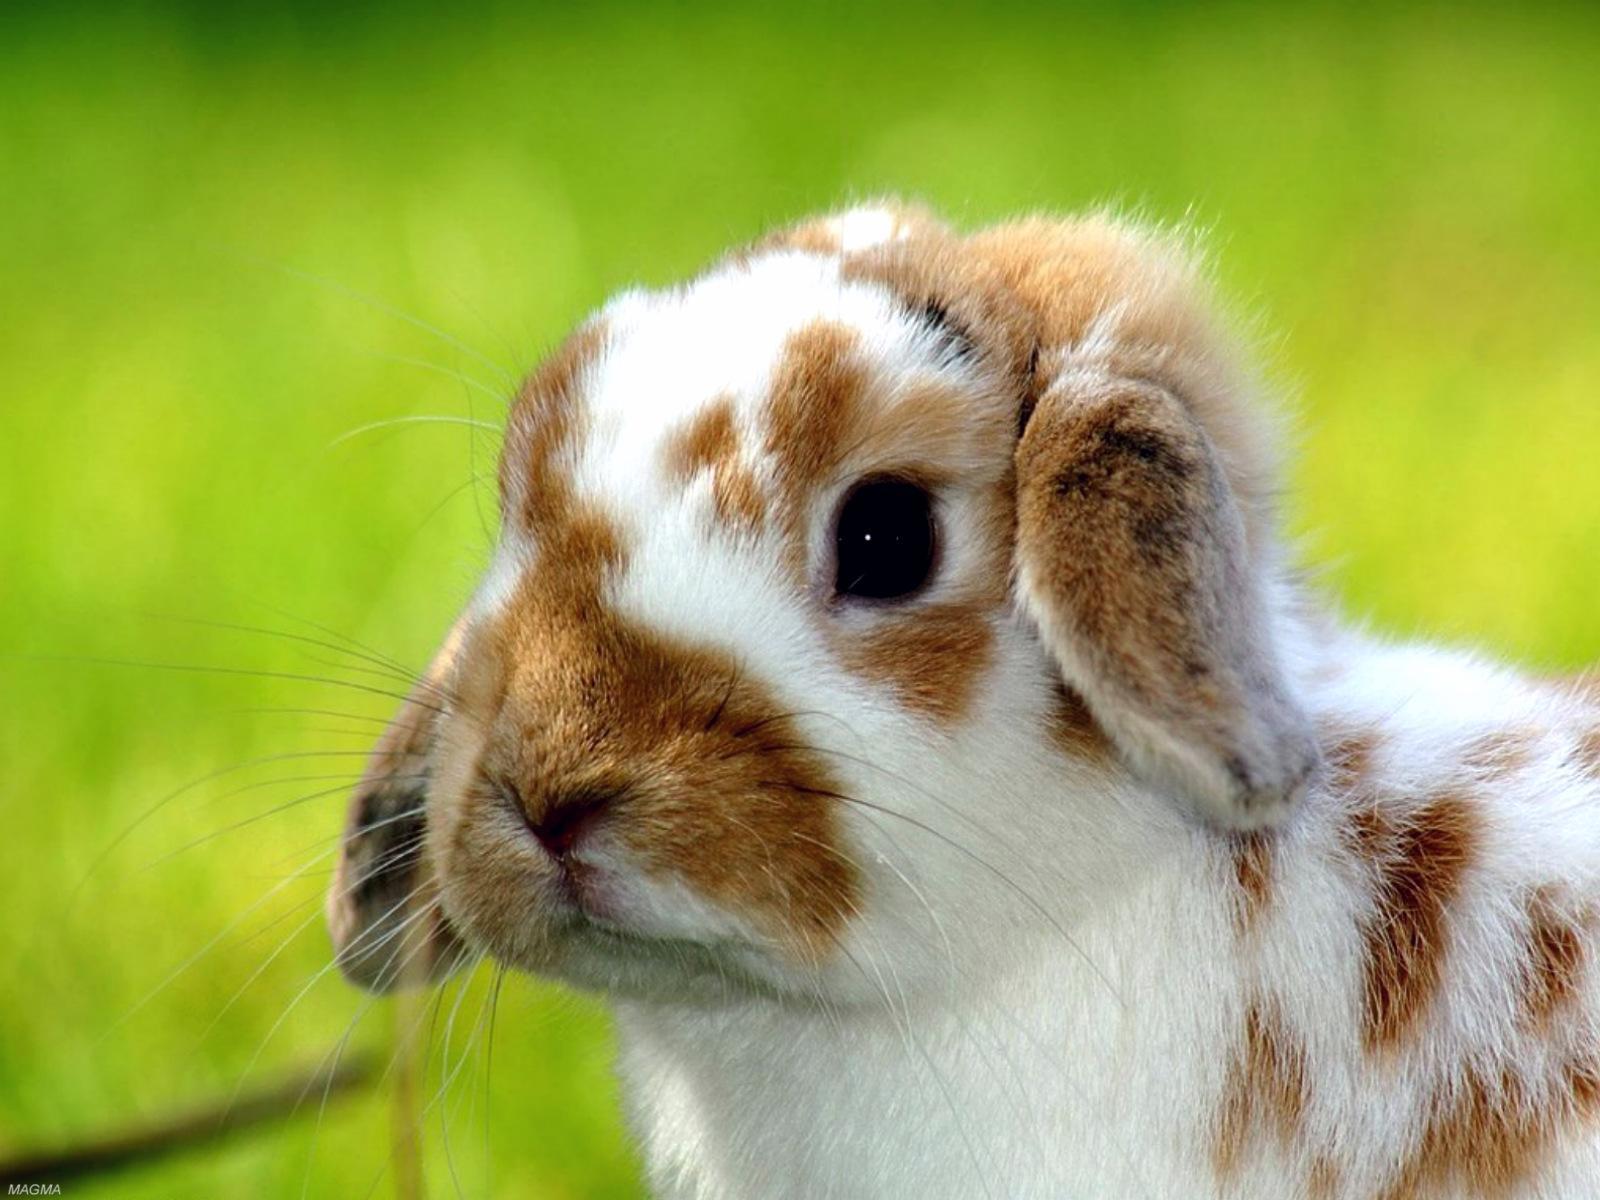 Une très belle photo par jour et par membre - Page 2 Animals-pictures-cute-rabbit